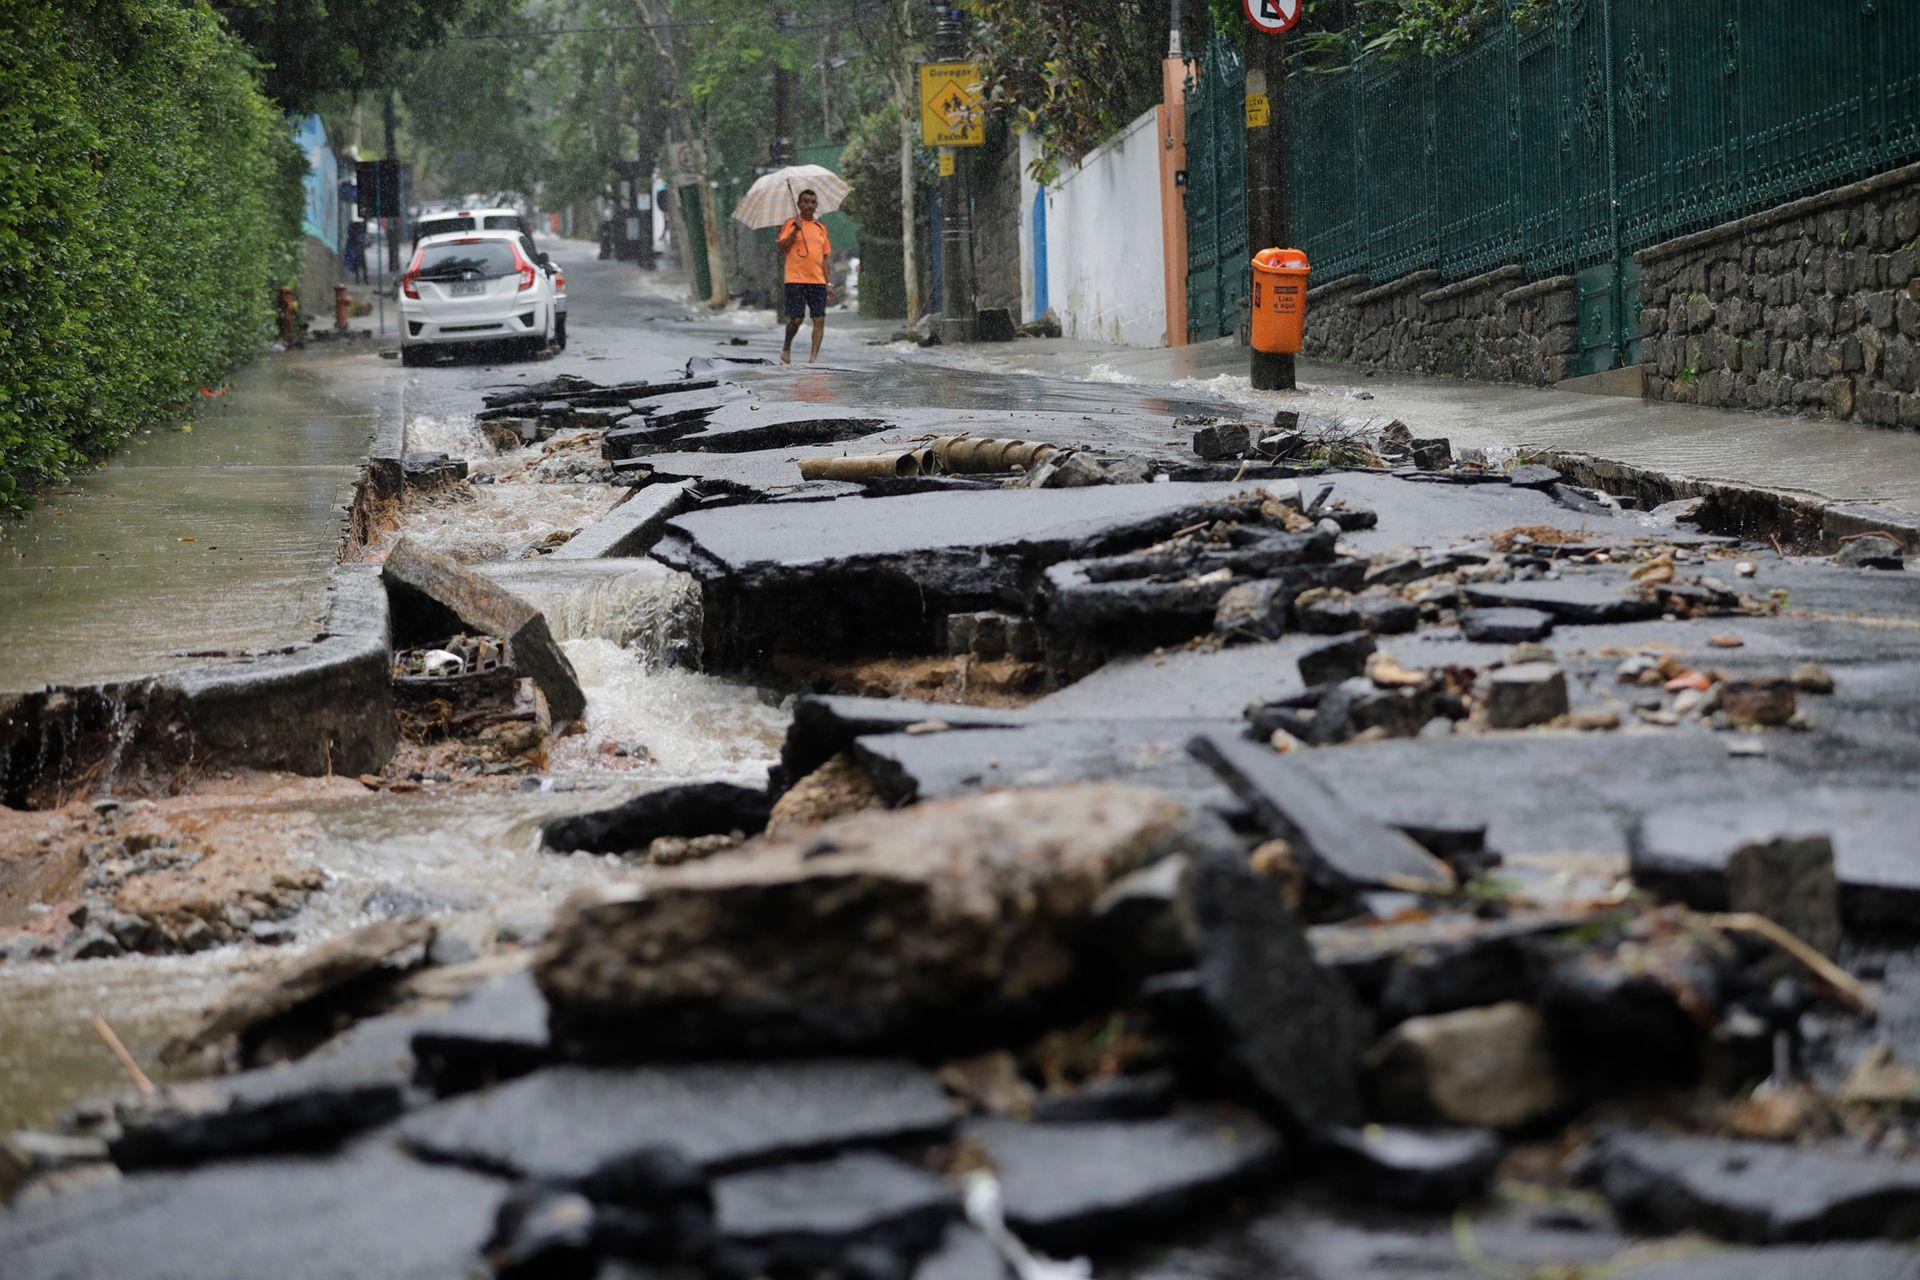 El desastre en Río de Janeiro después de las graves inundaciones